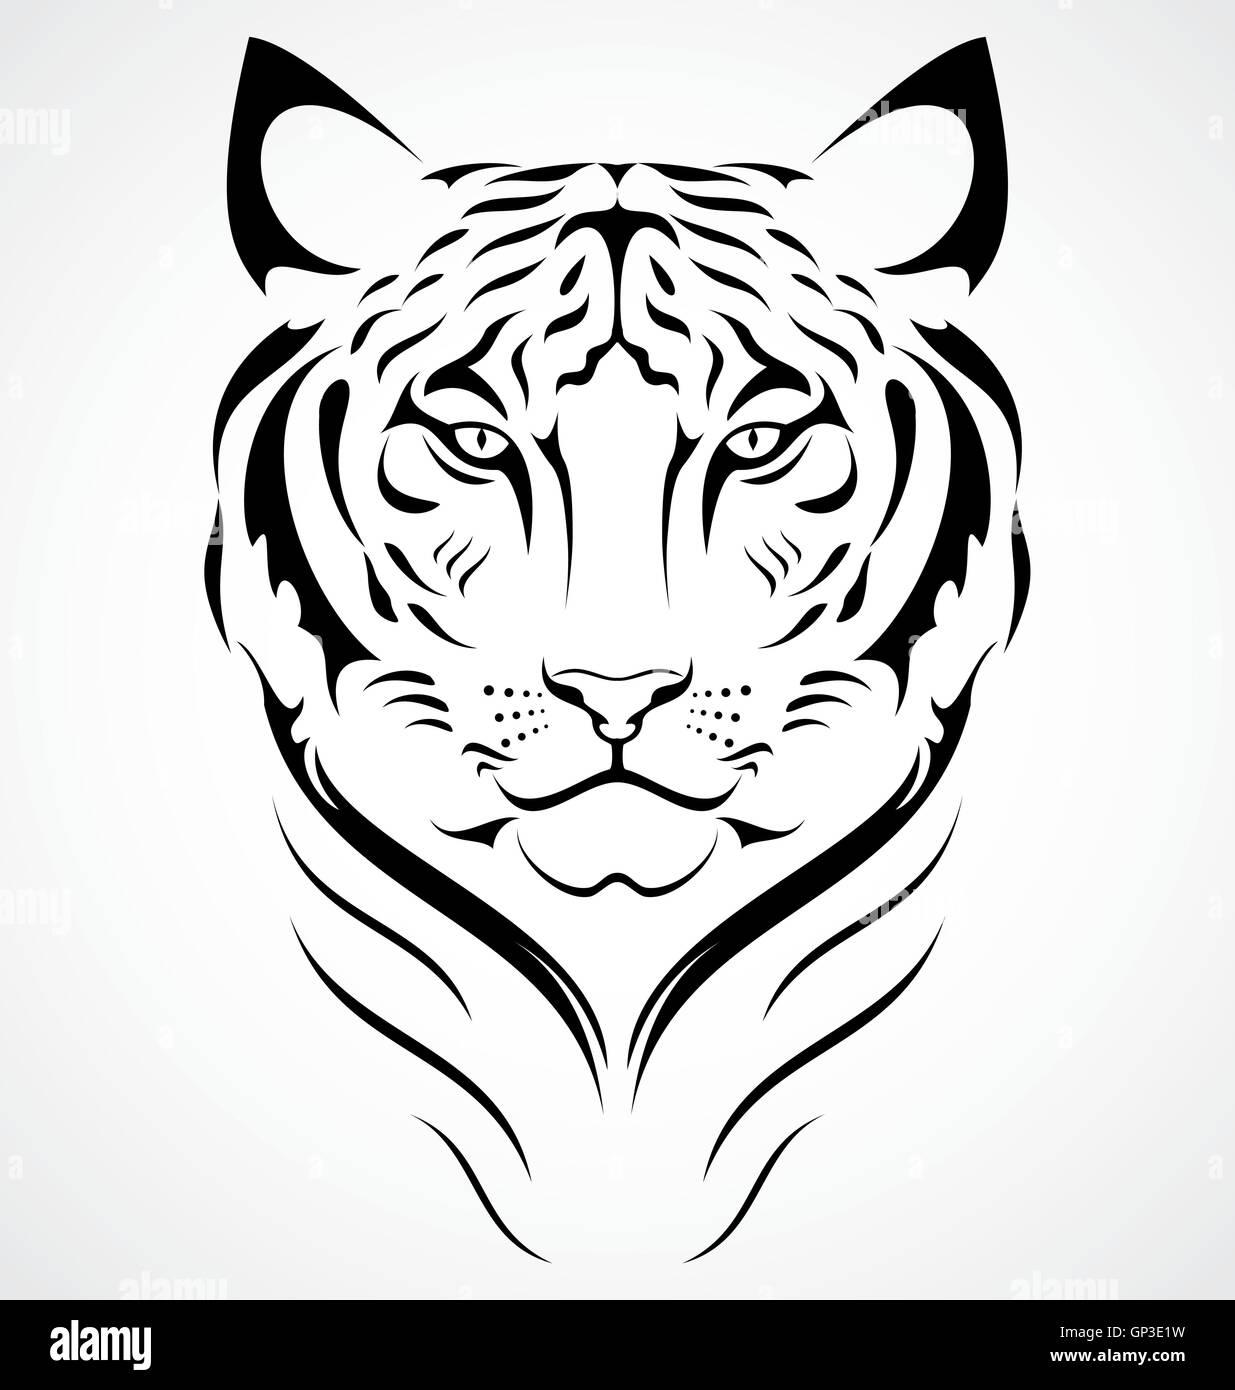 Diseño De Tatuaje De Tigre De Bengala Ilustración Del Vector Imagen